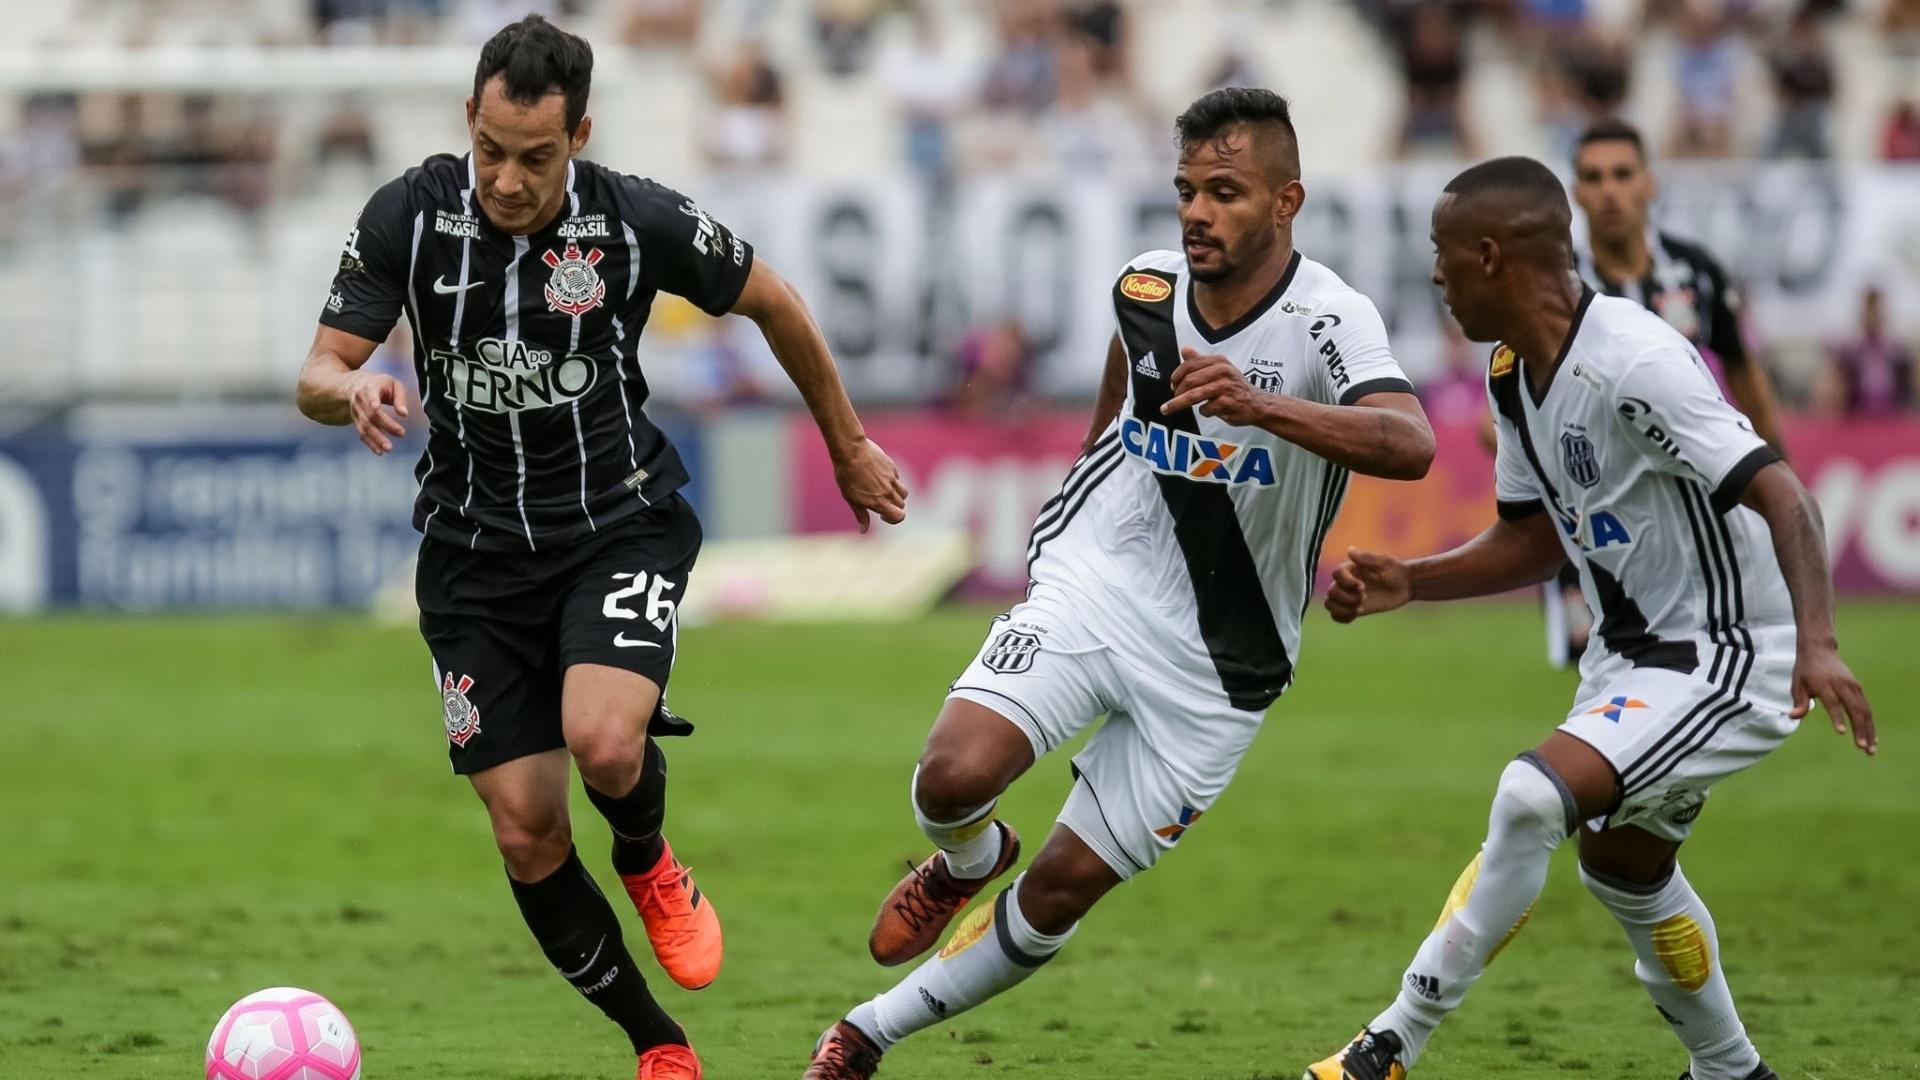 Rodriguinho em ação na partida entre Corinthians e Ponte Preta